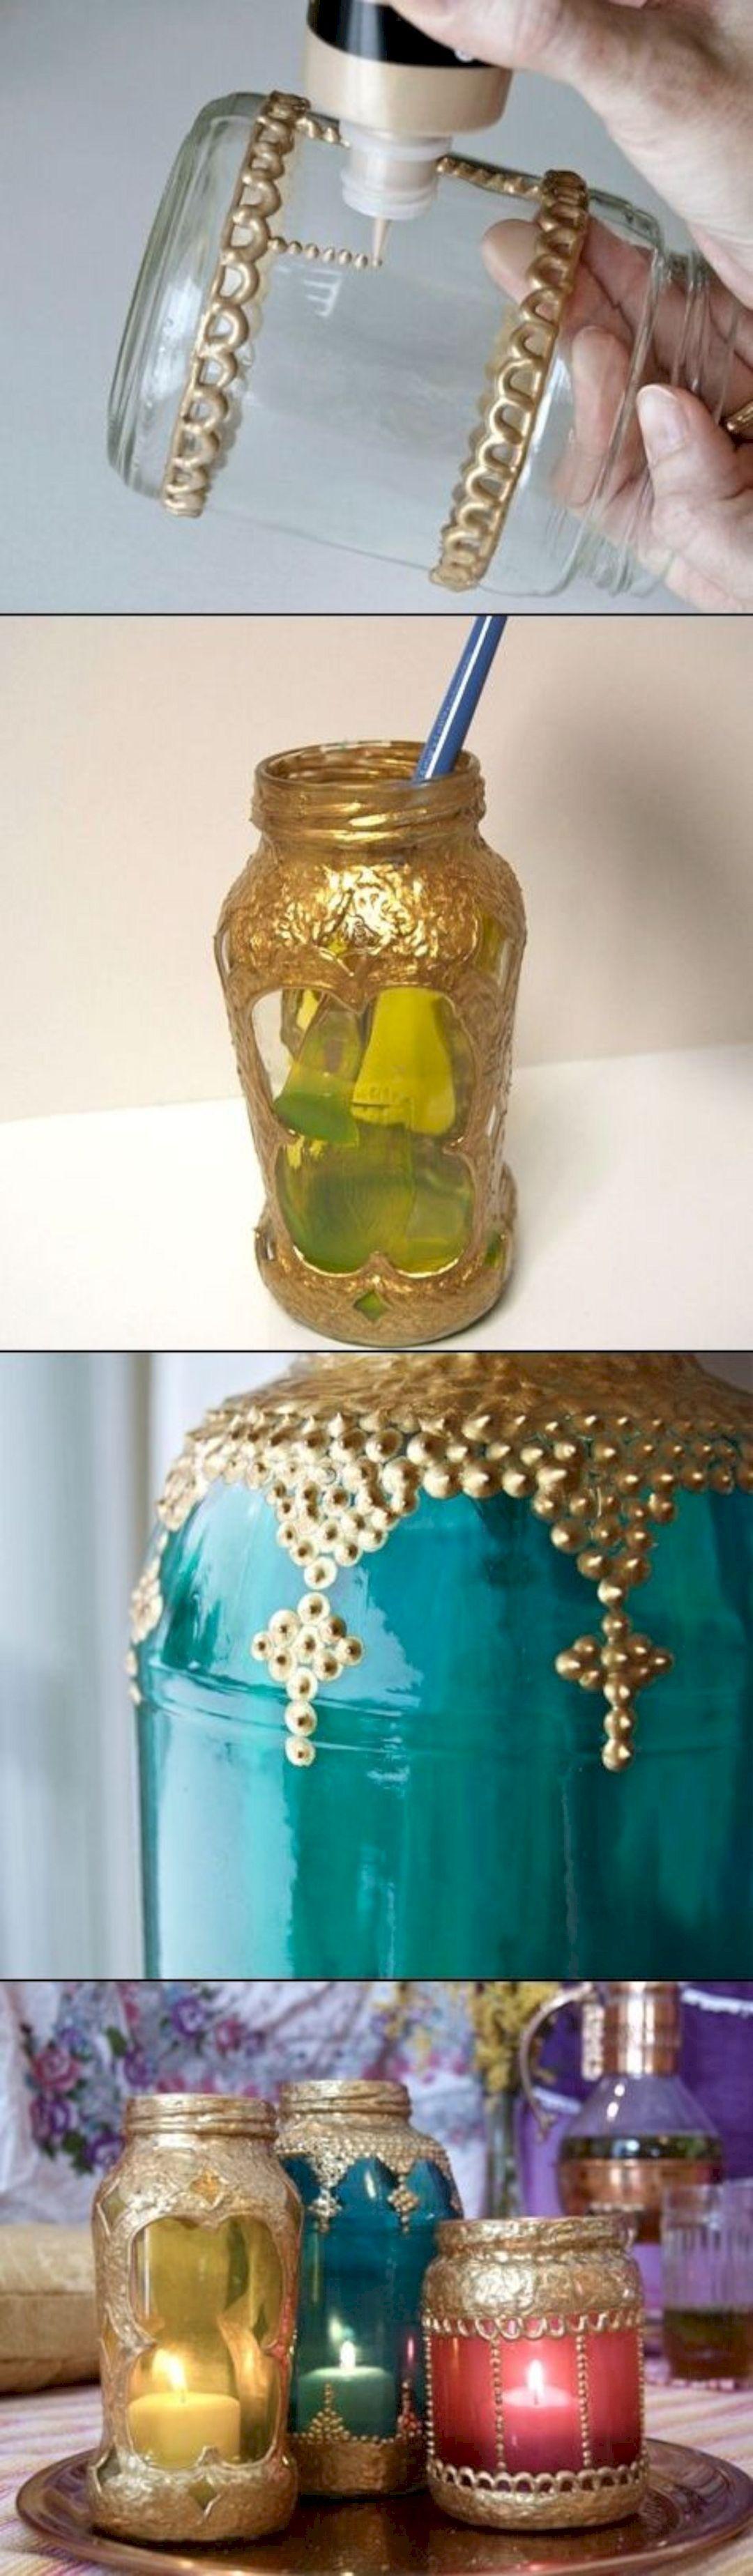 14+ Glass jar projects ideas ideas in 2021